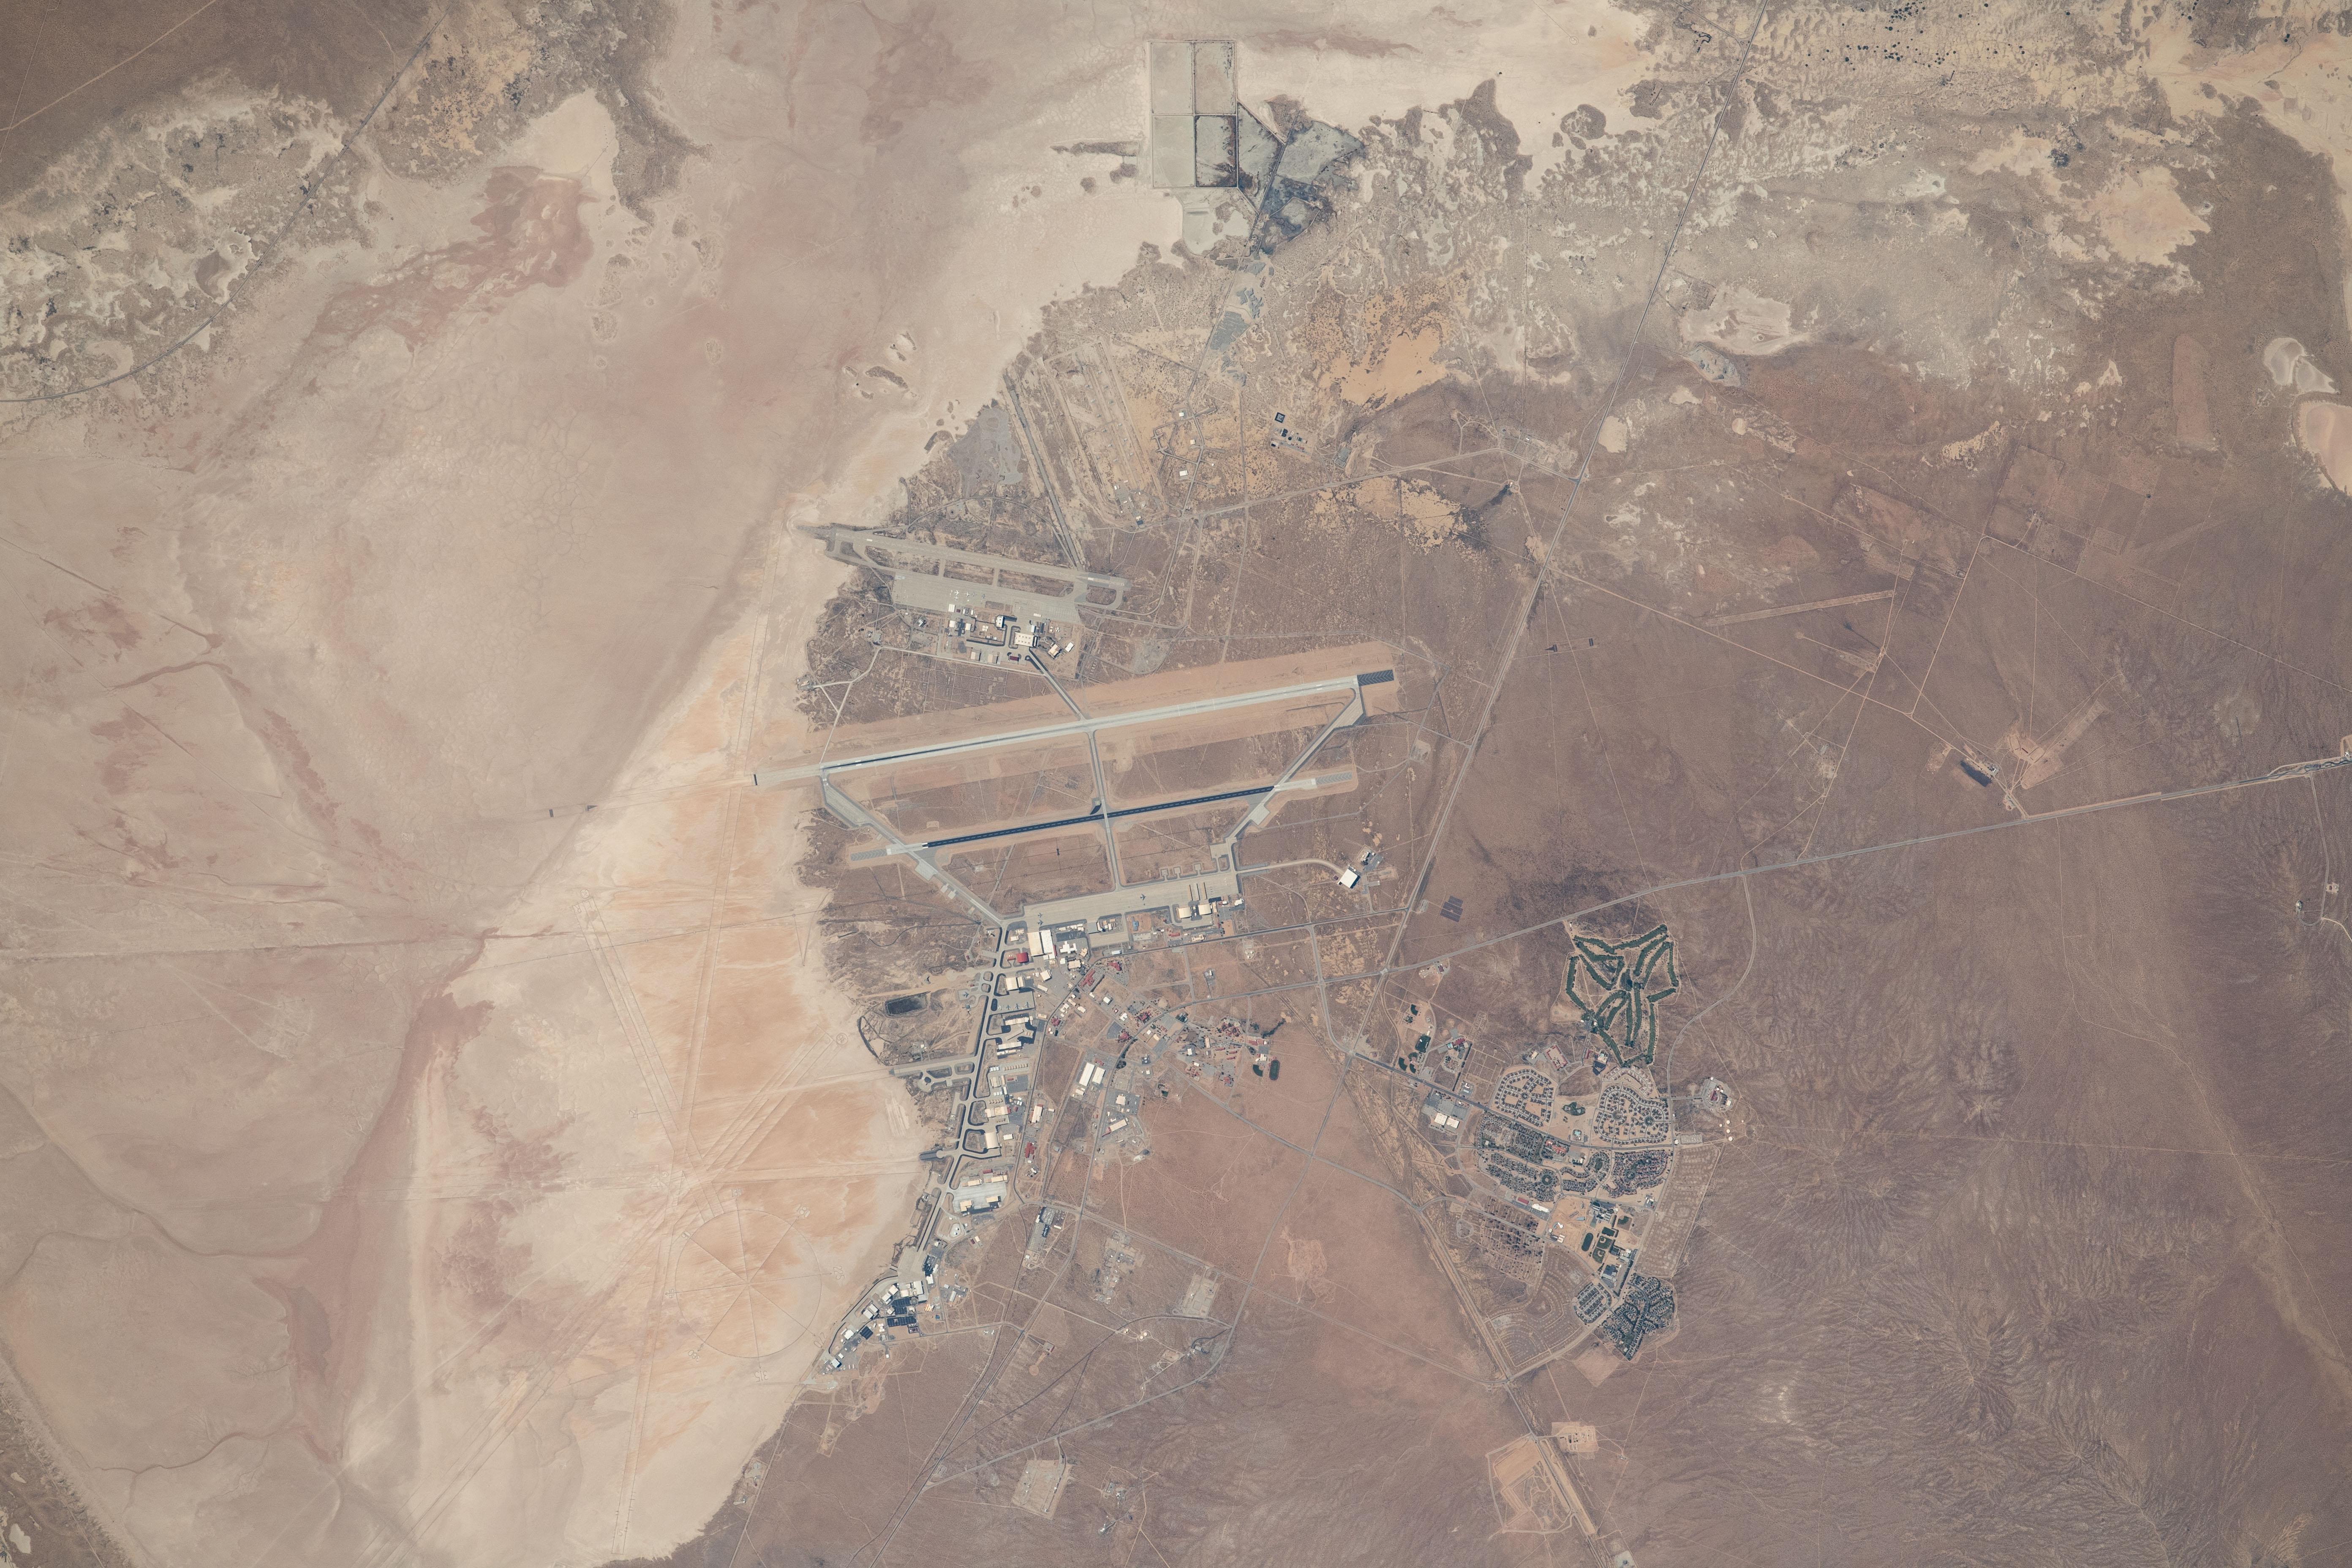 قاعدة أبحاث نيل آرمسترونغ التابعة لناسا في صحراء موهافي في كاليفورنيا في صورة التقطت عن بعد 256 ميل